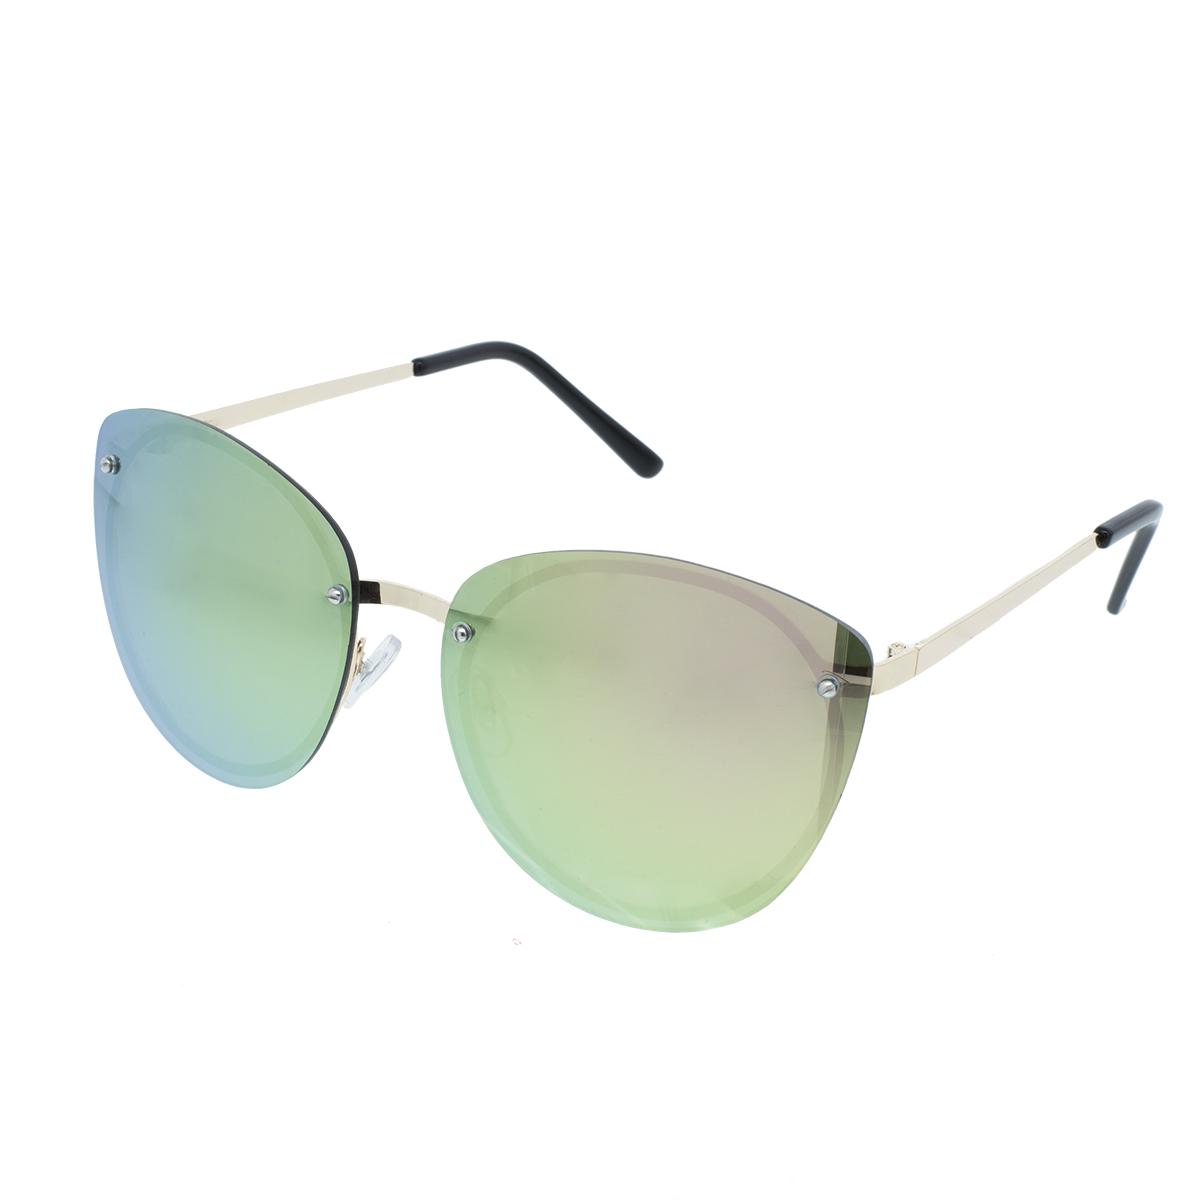 Velké sluneční brýle Plate zlaté obroučky barevná skla